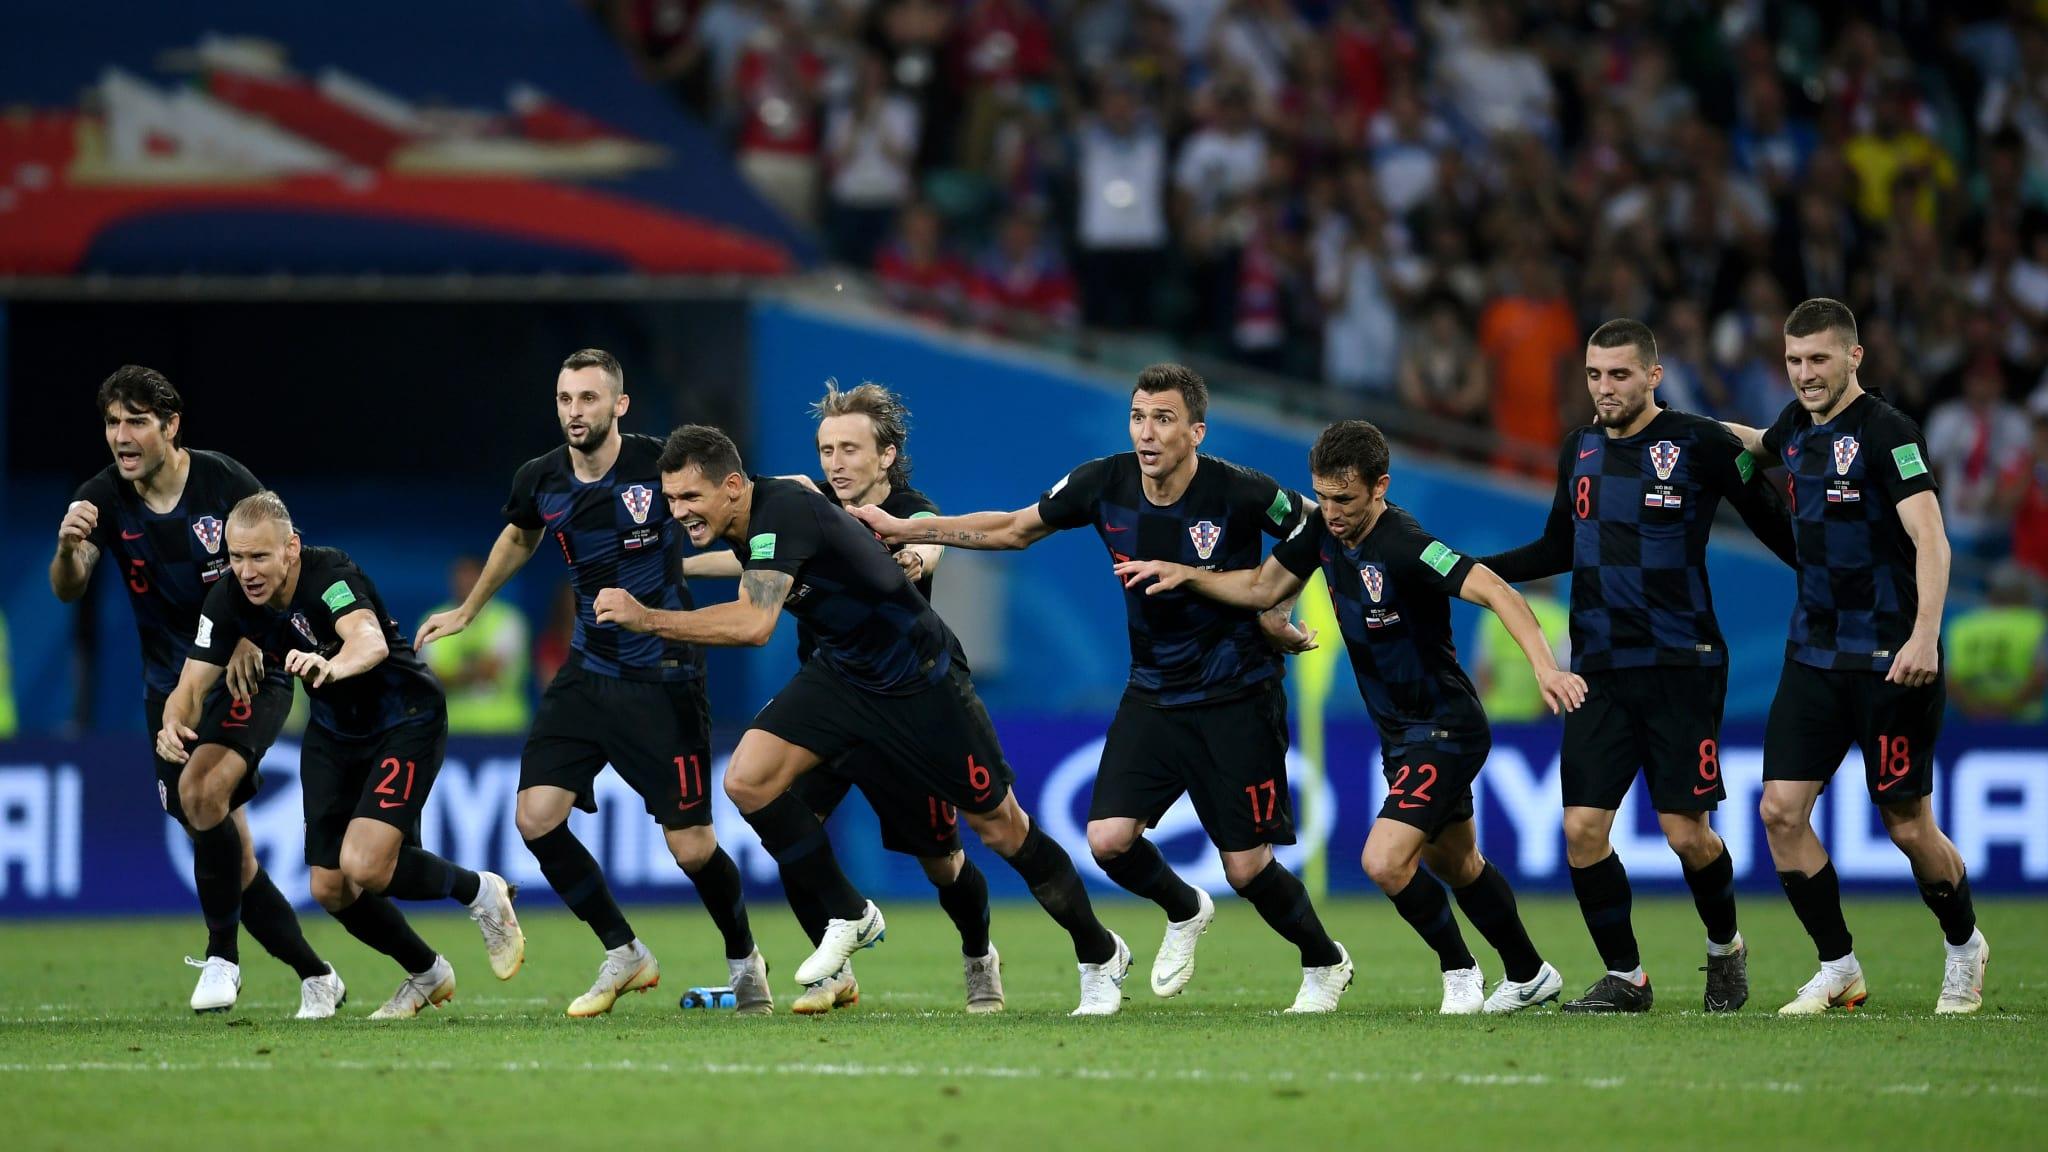 Croácia chega à sua segunda semifinal em Copas do Mundo